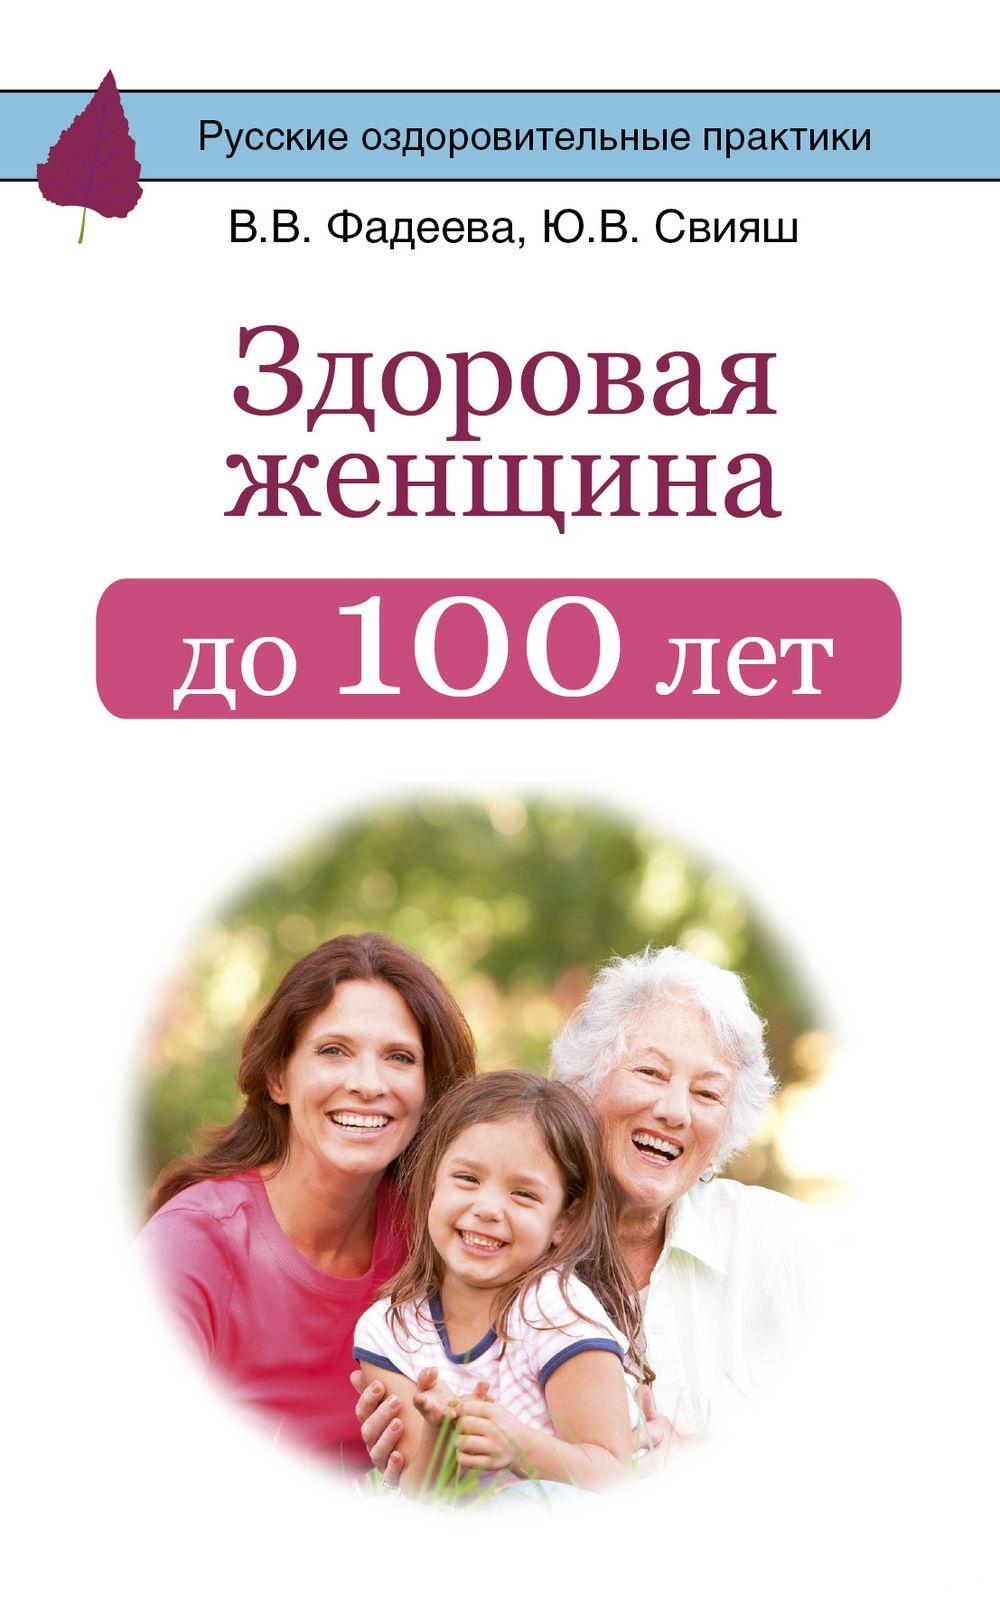 Купить Здоровая женщина до 100 лет, Юлия Свияш, 978-5-17-099374-1